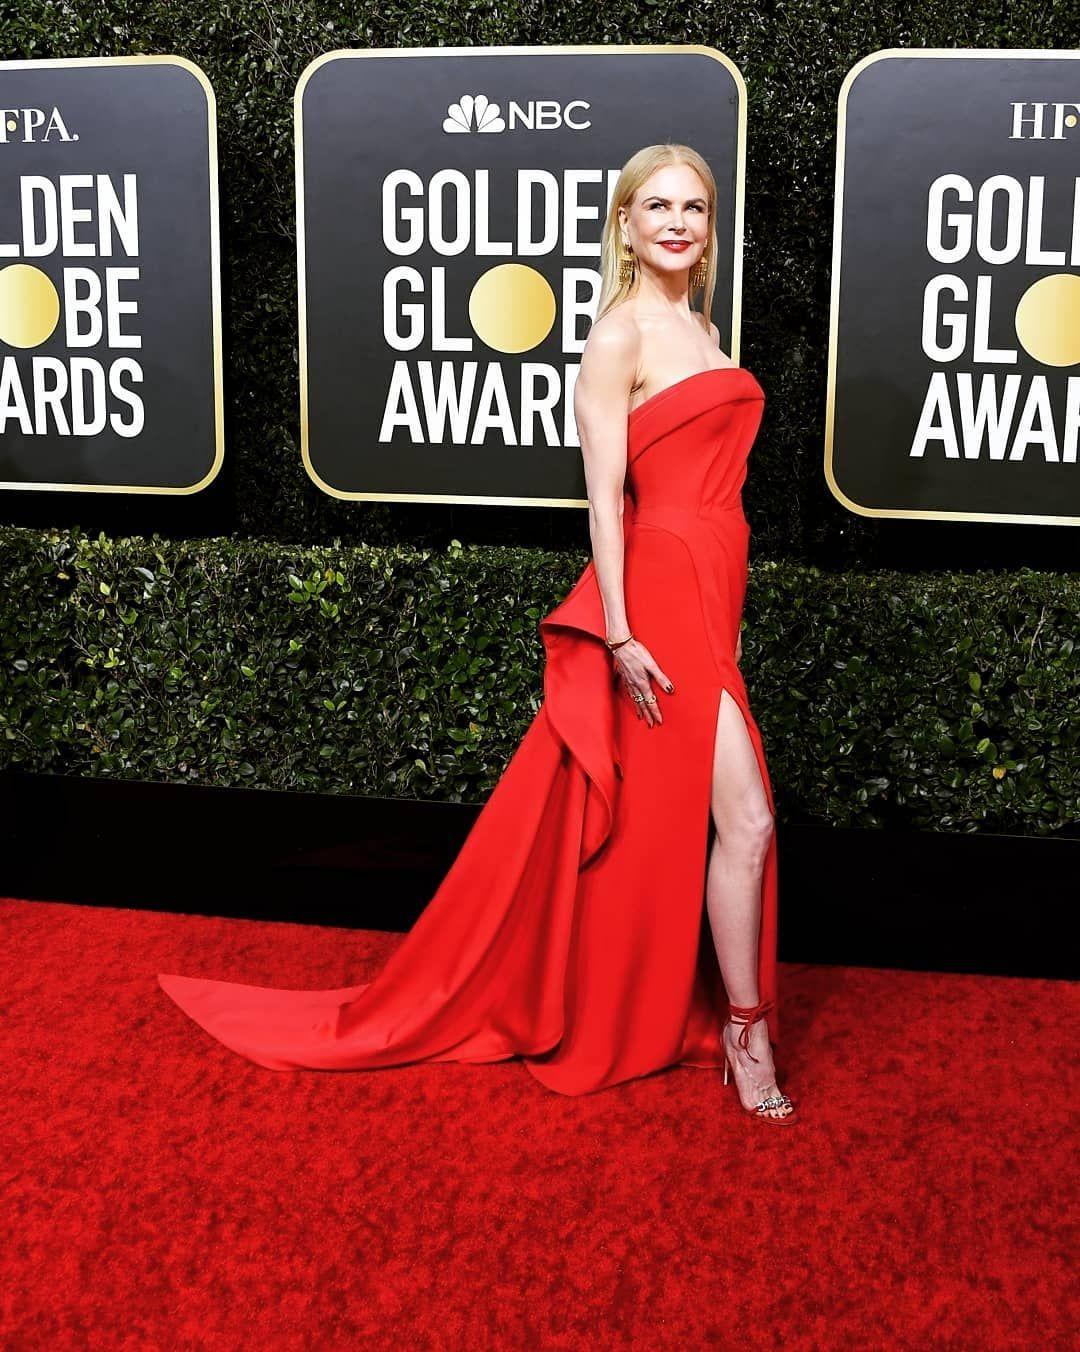 Nicole Kidman en la red carpet de los Golden Globes 2020